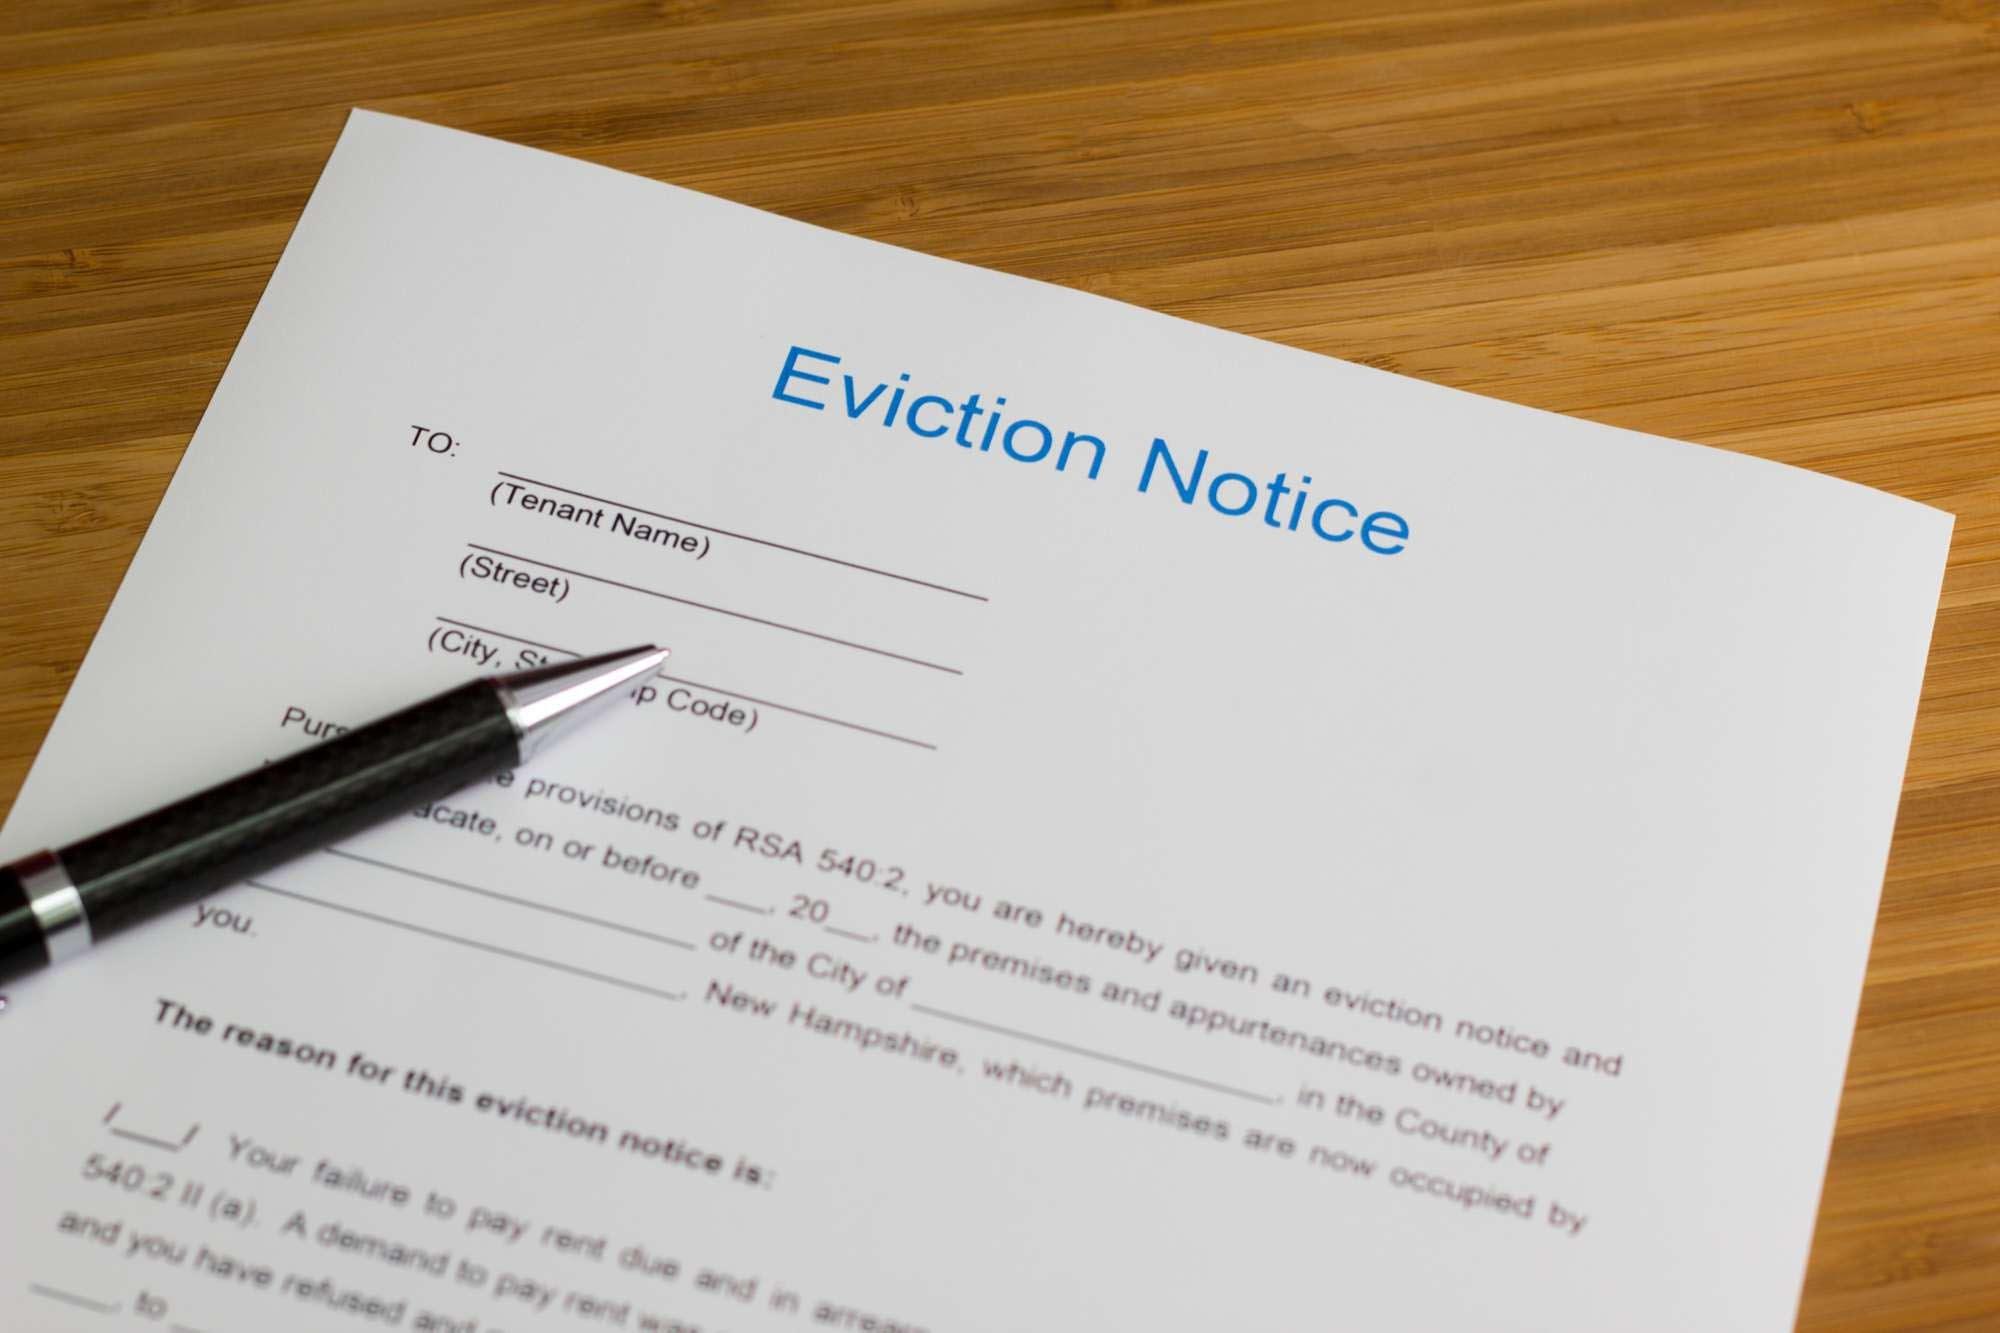 How Do I Evict a Renter